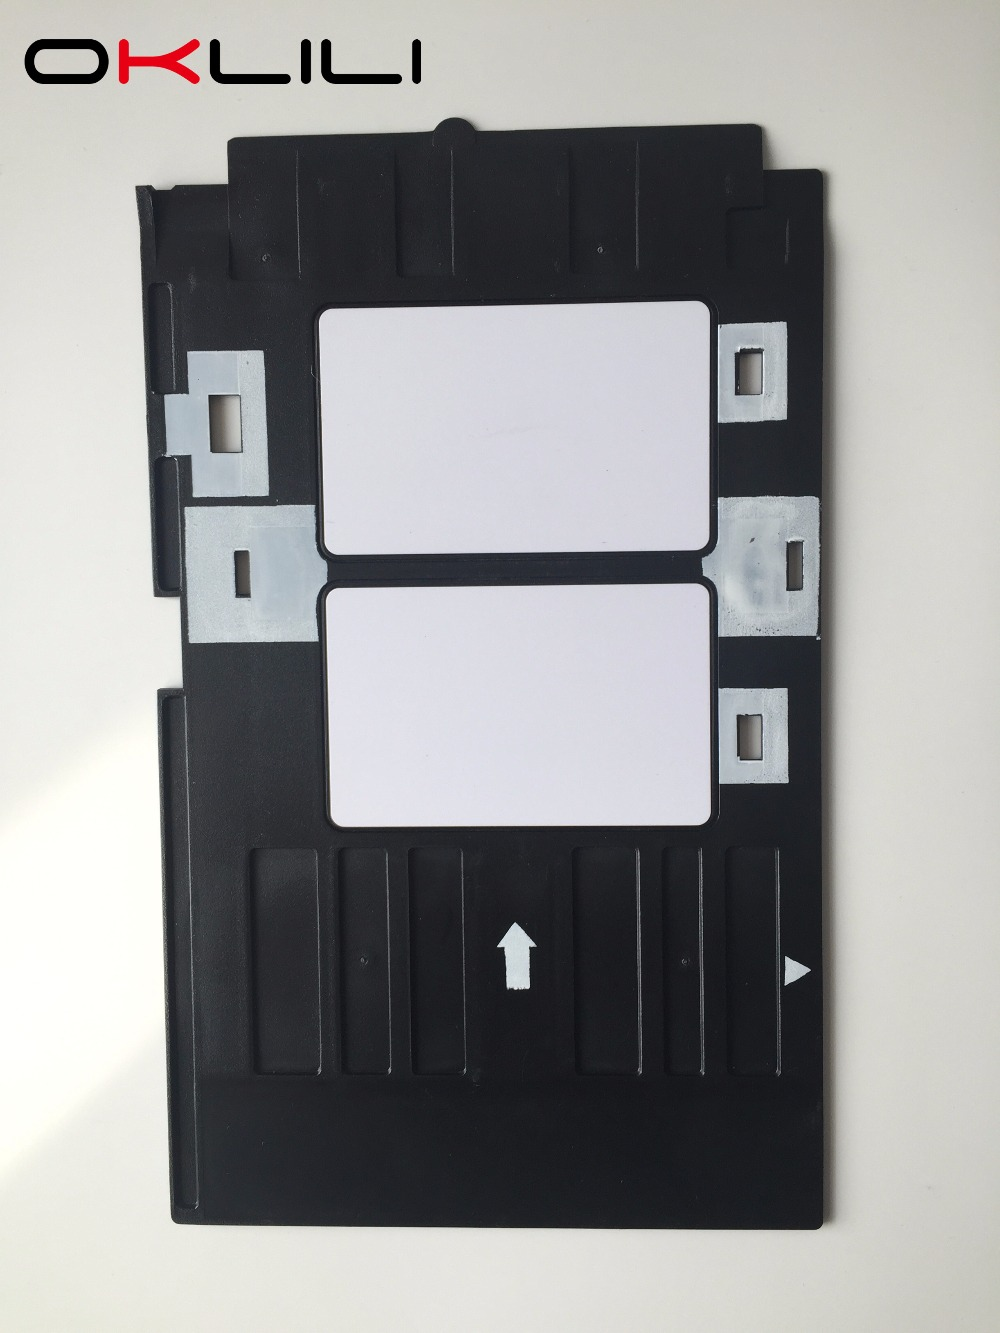 PVC ID karty Zásobník plastová Zásobník pro tiskárnu Epson R260 R270 R270 R280 R290 R380 R390 RX680 T50 T60 A50 P50 L800 L801 R330